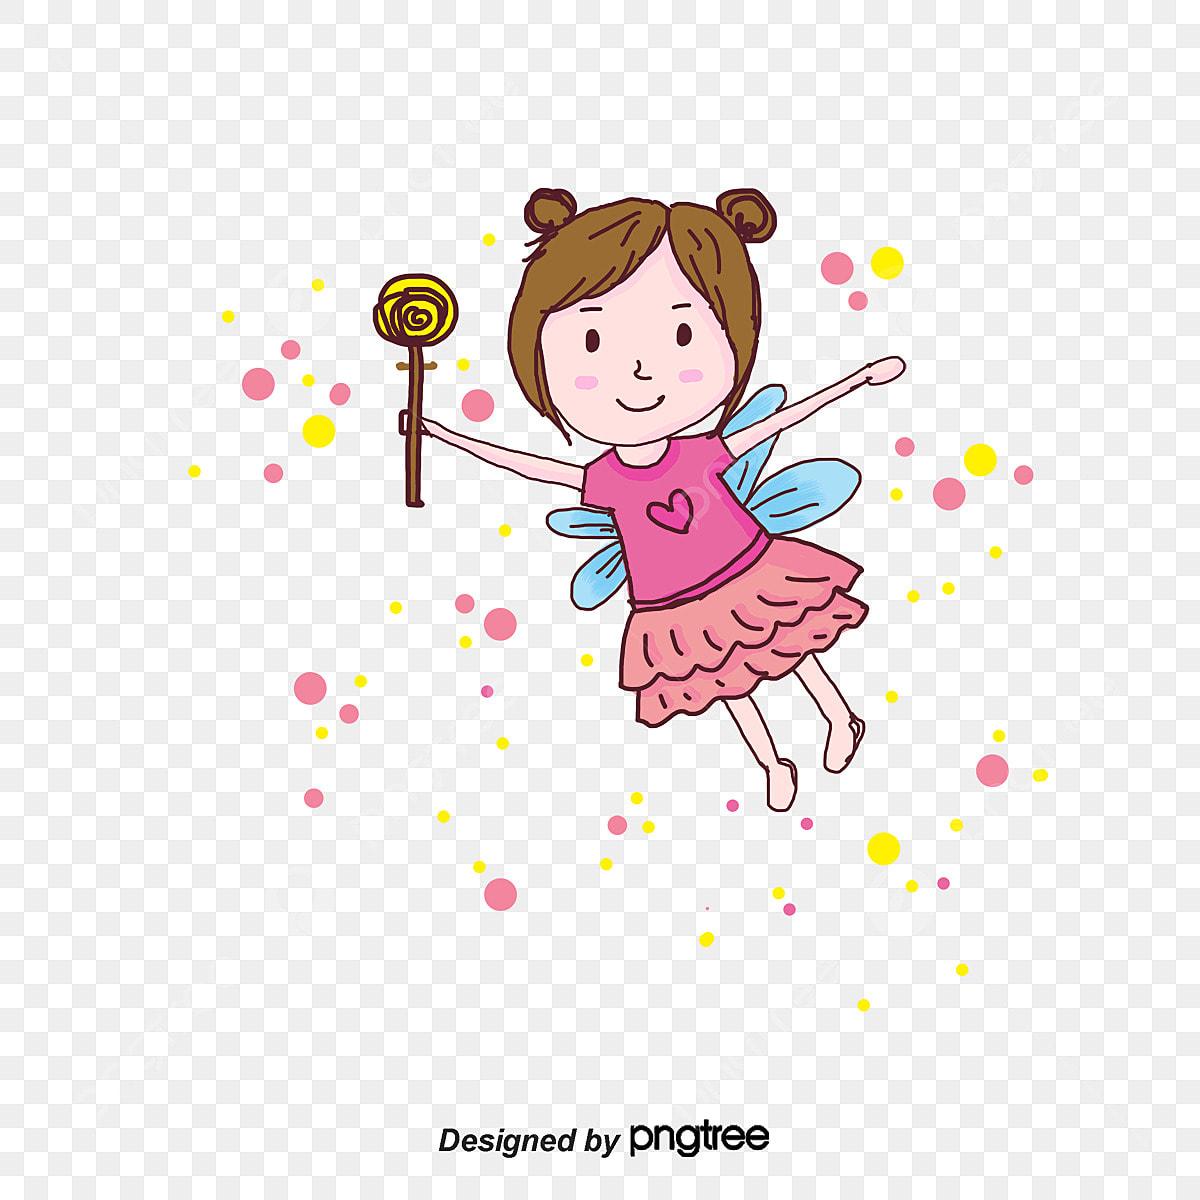 Dessin Ange Realiste joli dessin petit ange de conception, mignon, dessin, le